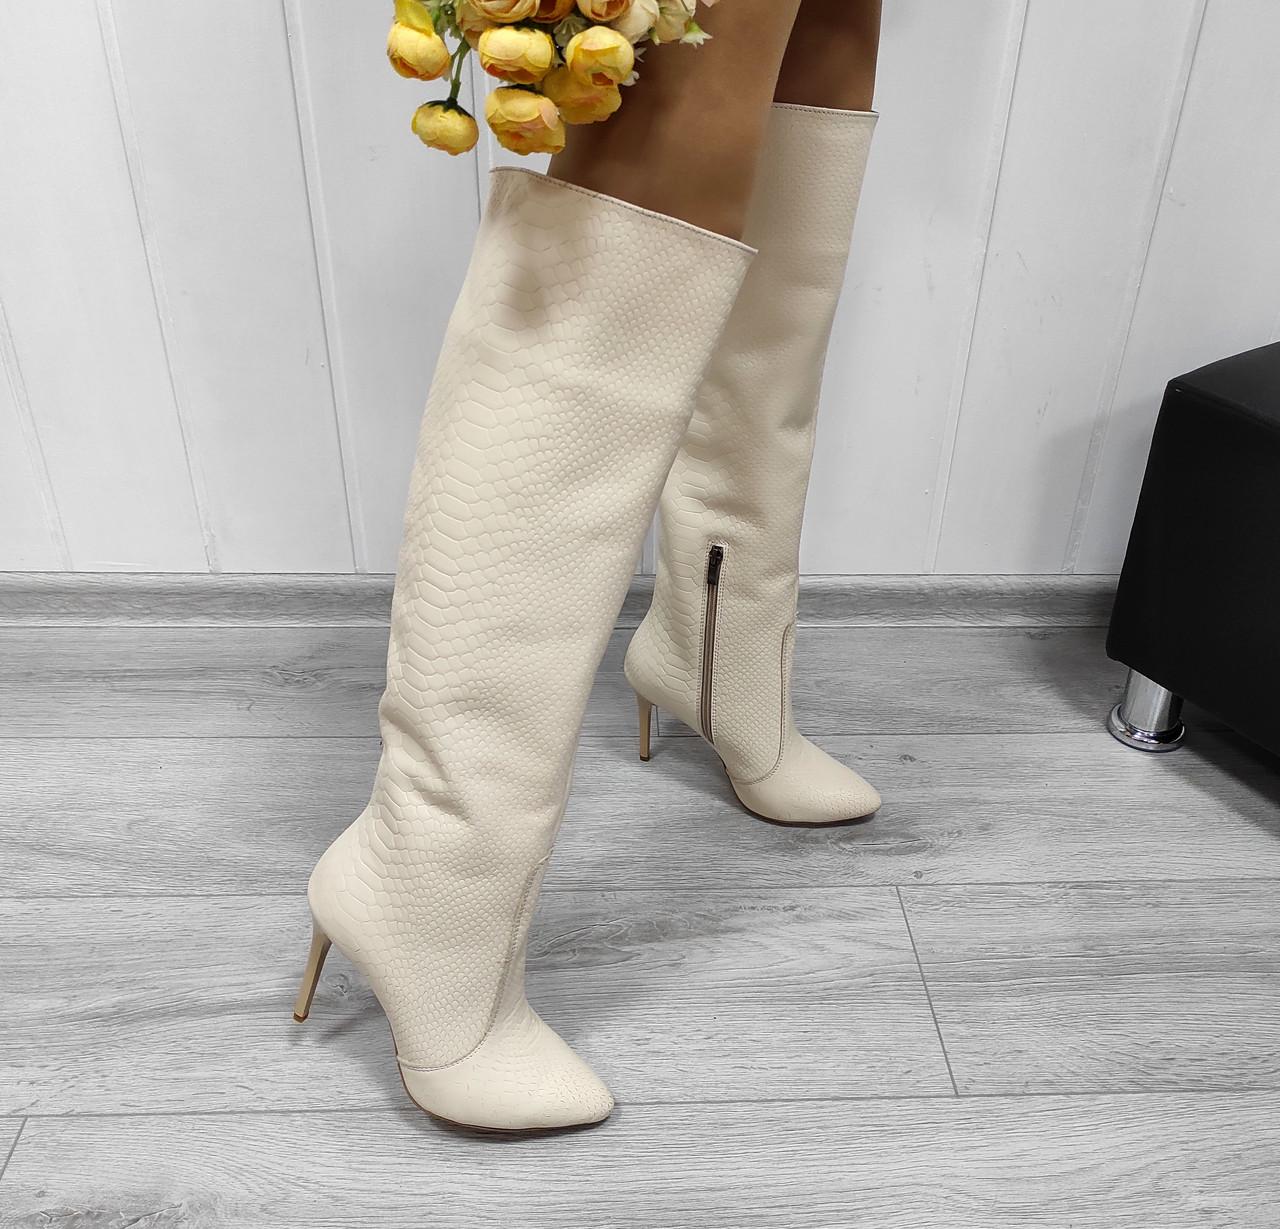 Женские кожаные сапоги на шпильке молочного цвета